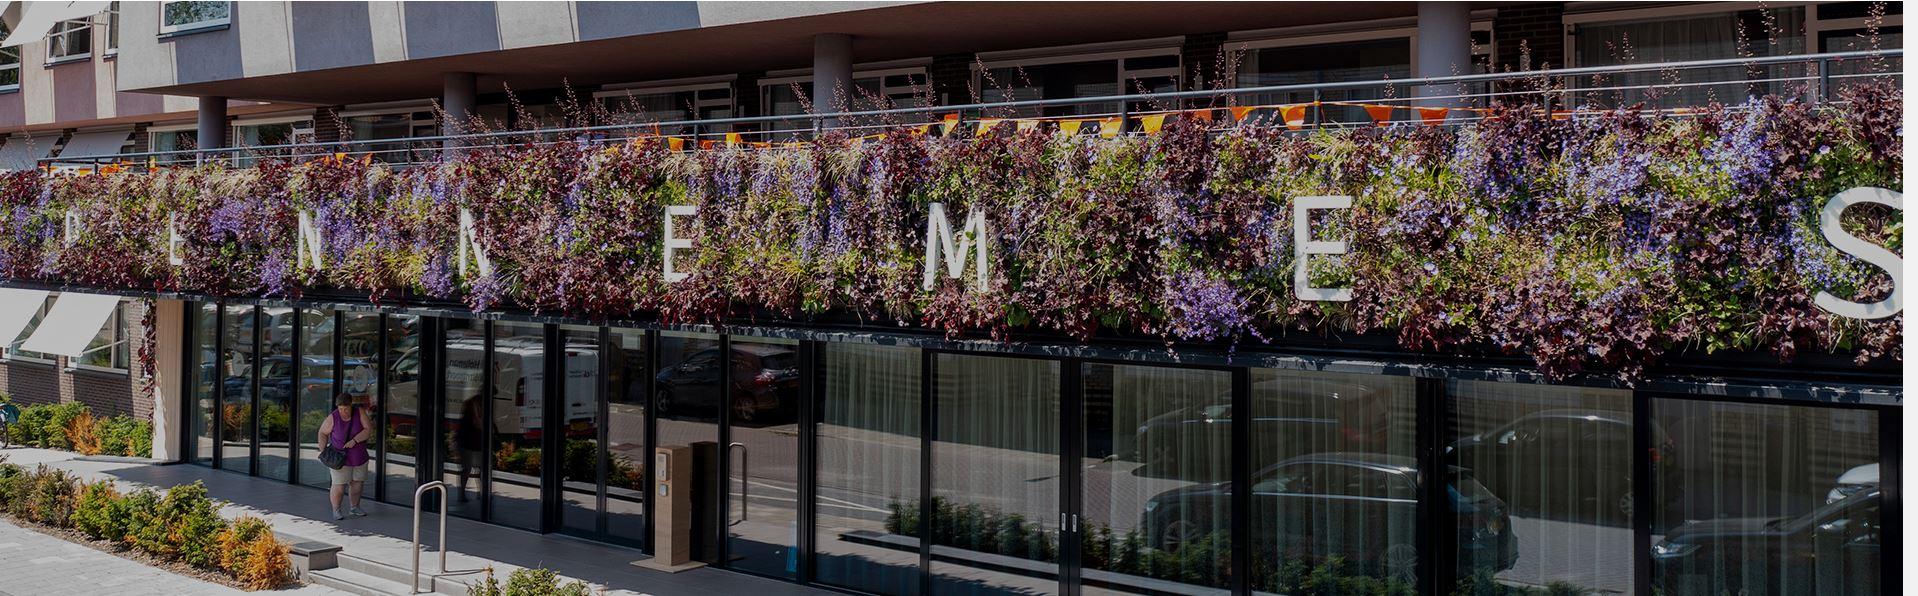 Duurzaam balkon zorgcentrum Pennemes